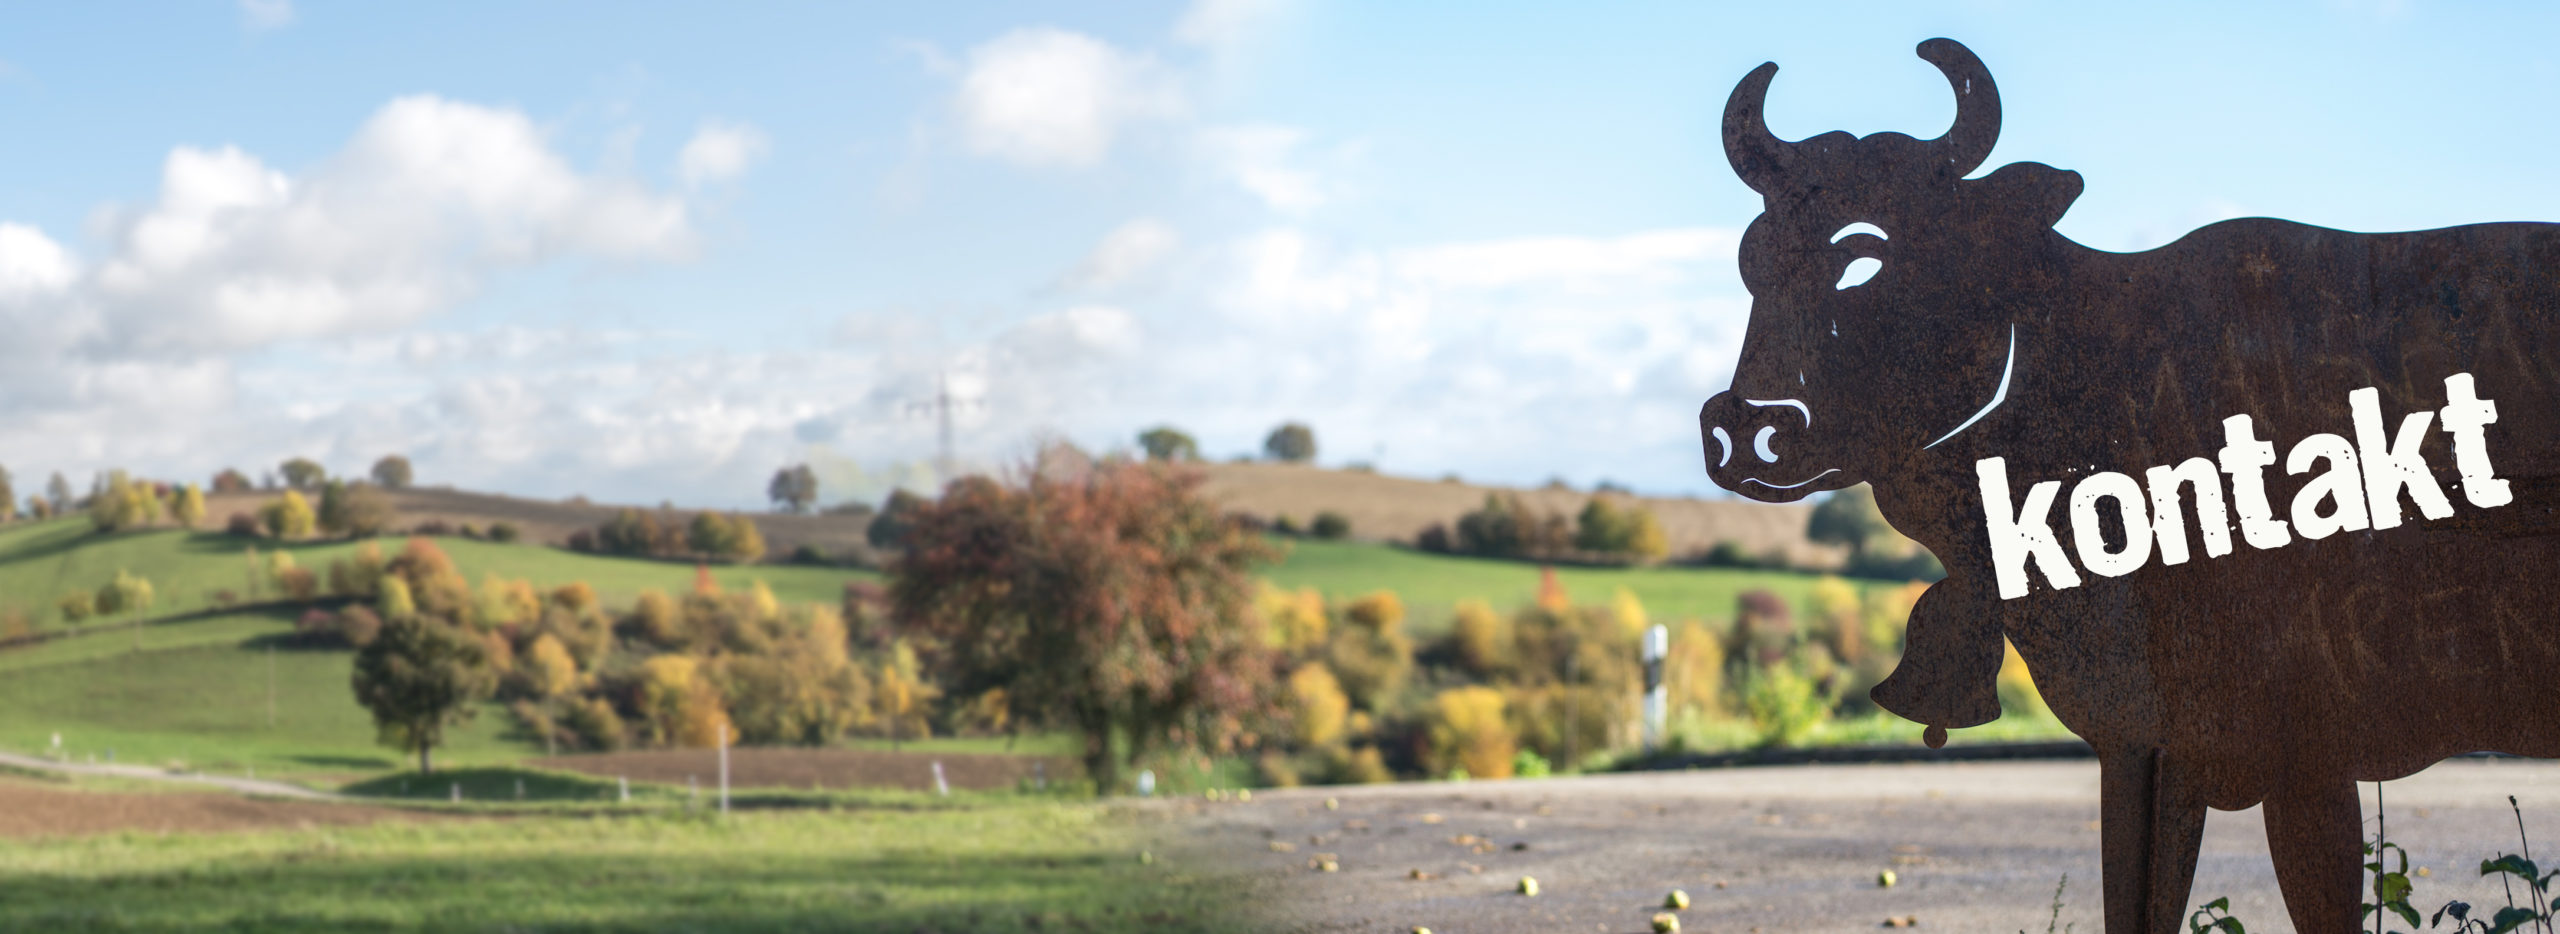 Eine Kuh aus Eisen mit dem Wort Kontakt steht vor einer idyllischen Landschaft